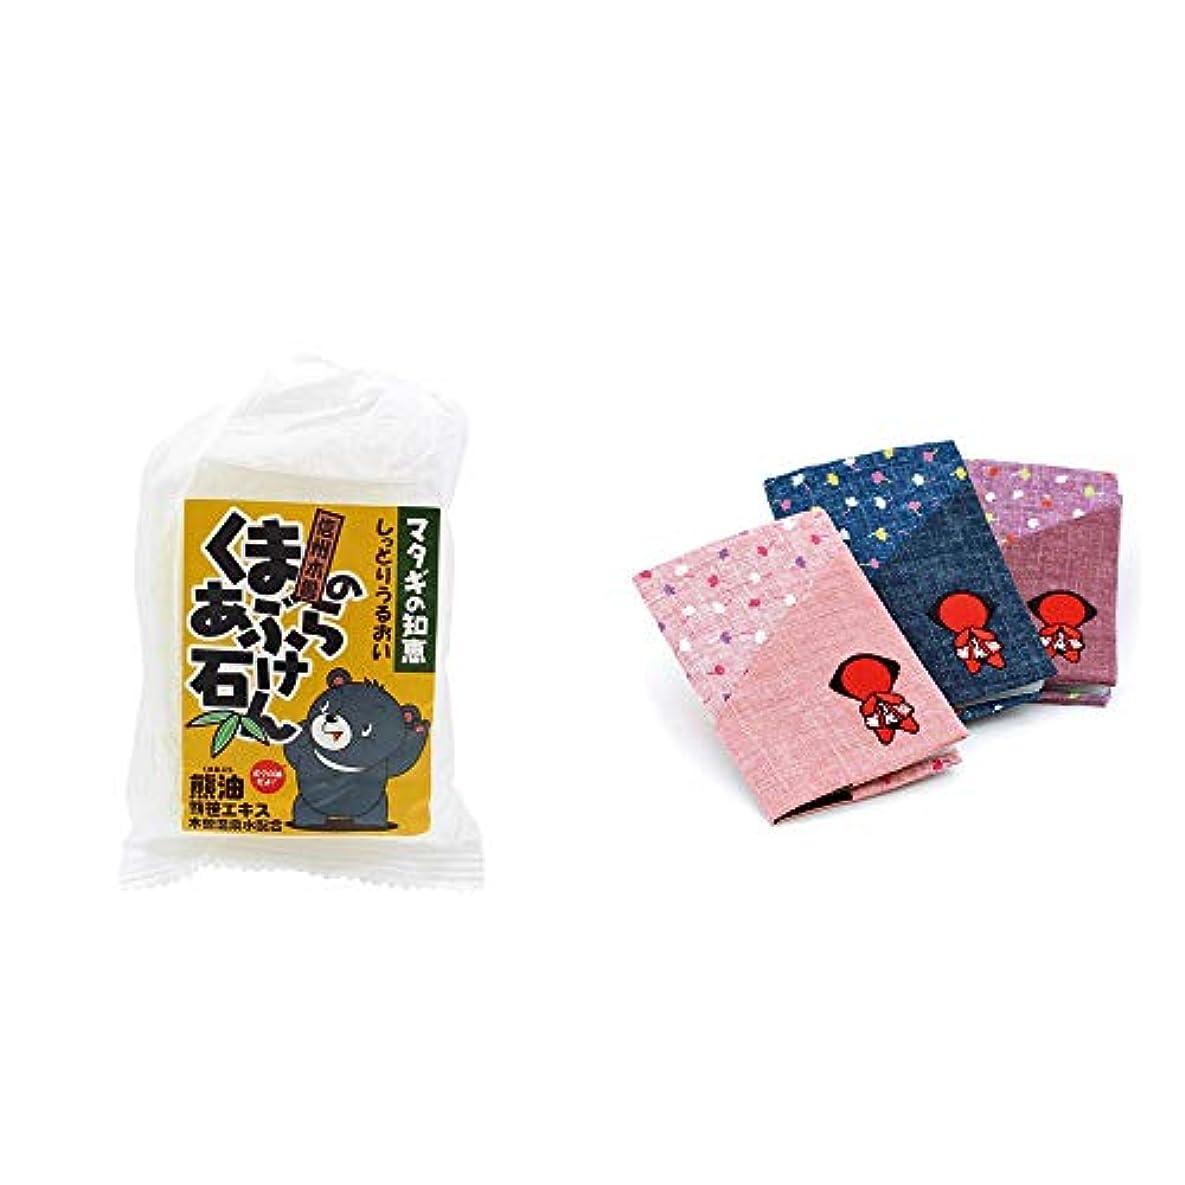 タックカヌー語[2点セット] 信州木曽 くまのあぶら石けん(80g)?おねがいさるぼぼ カードケース【ピンク】